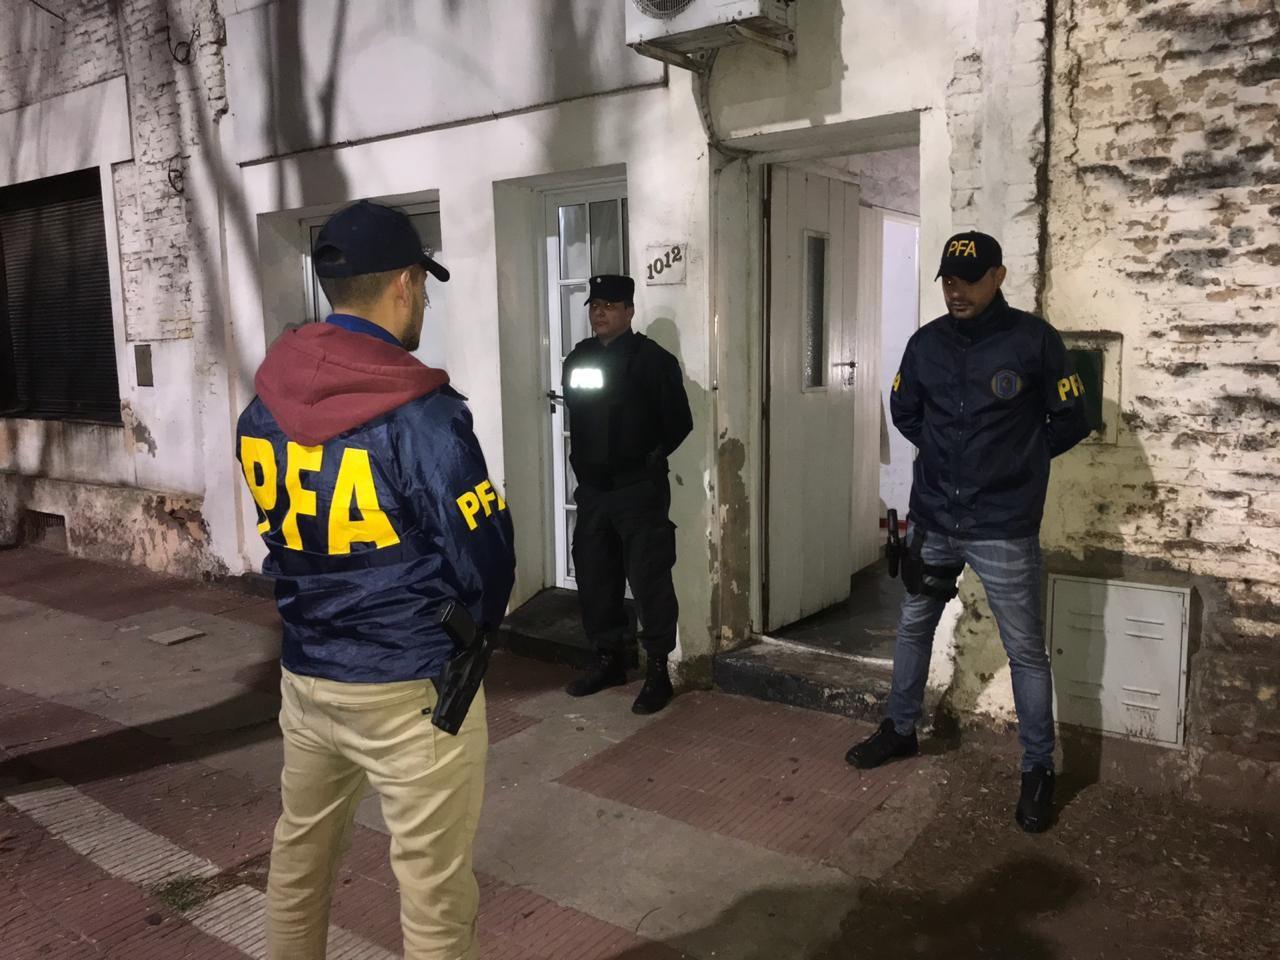 Efectivos policiales allanaron la vivienda del hombre que intentó ingresar armado a la Casa Rosada